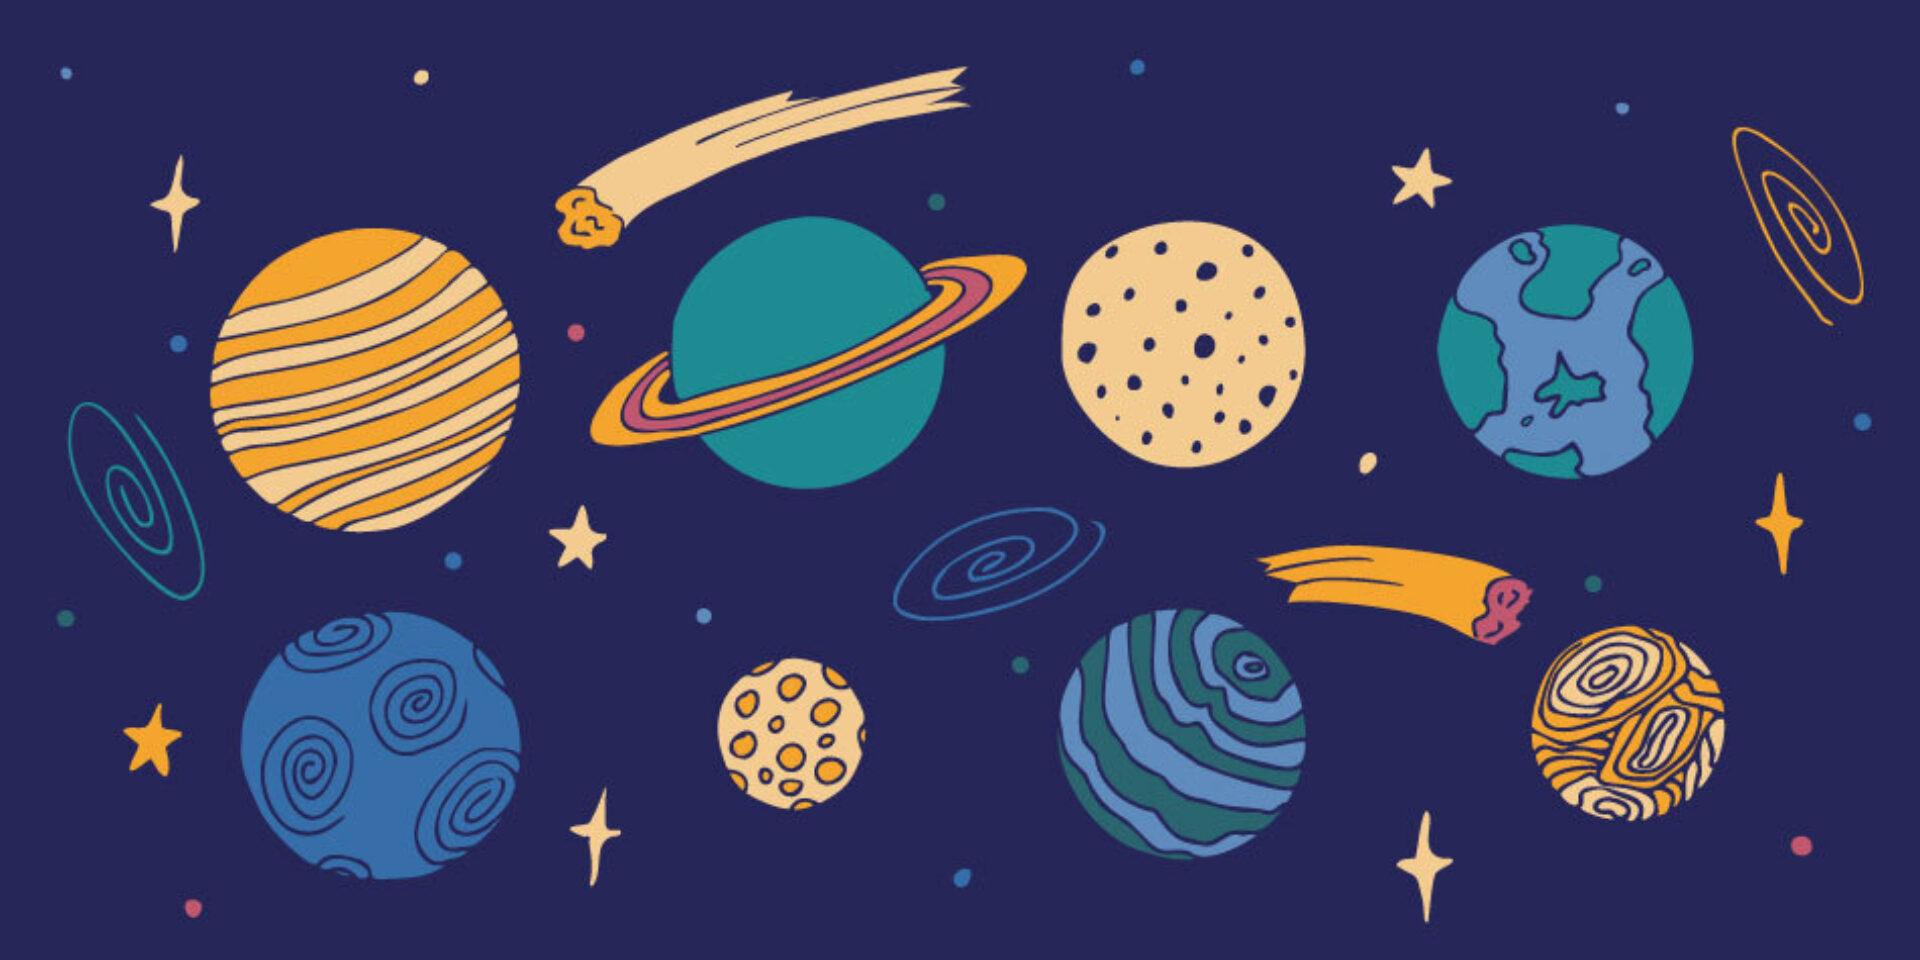 De doortocht van Saturnus in Waterman: deze invloeden mag je verwachten tot 7 maart 2023